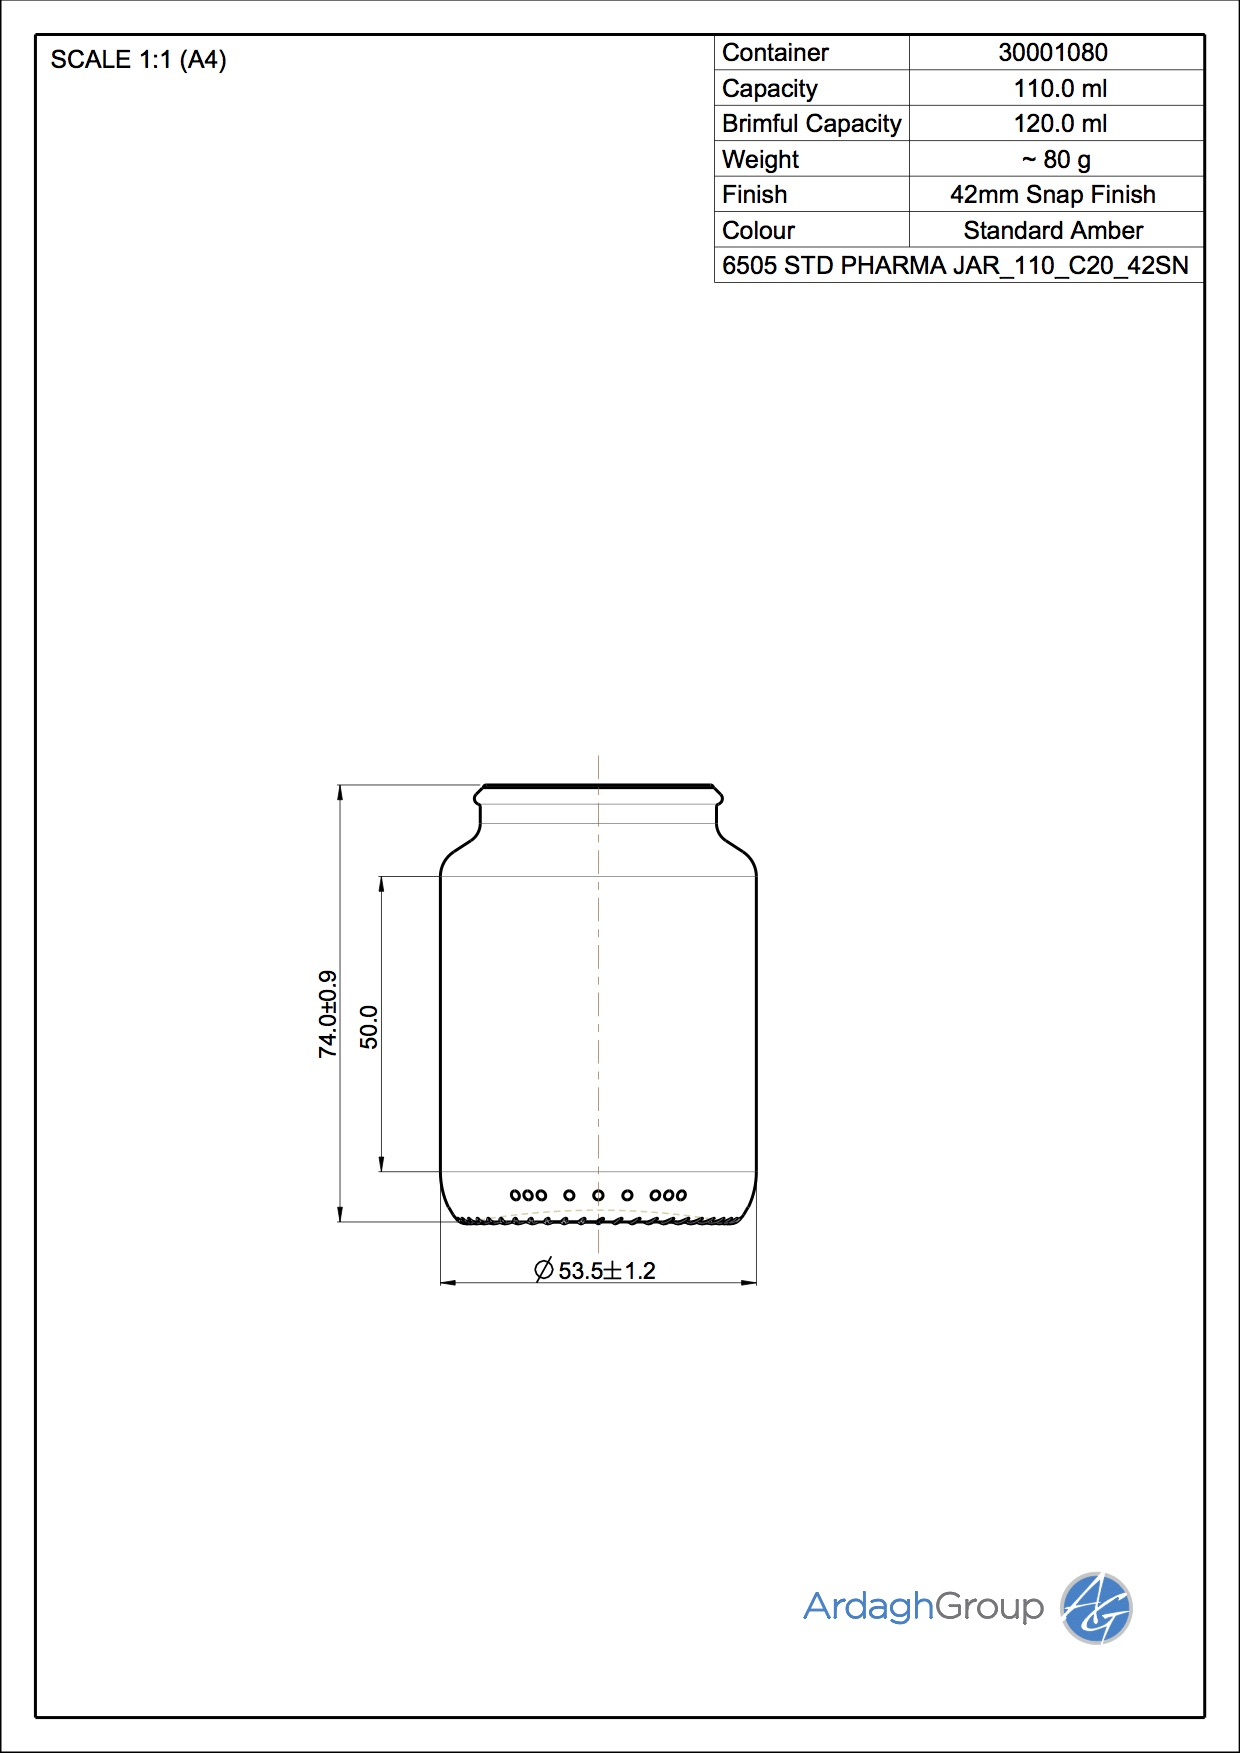 STD PHARMA JAR 110 C20 42SN